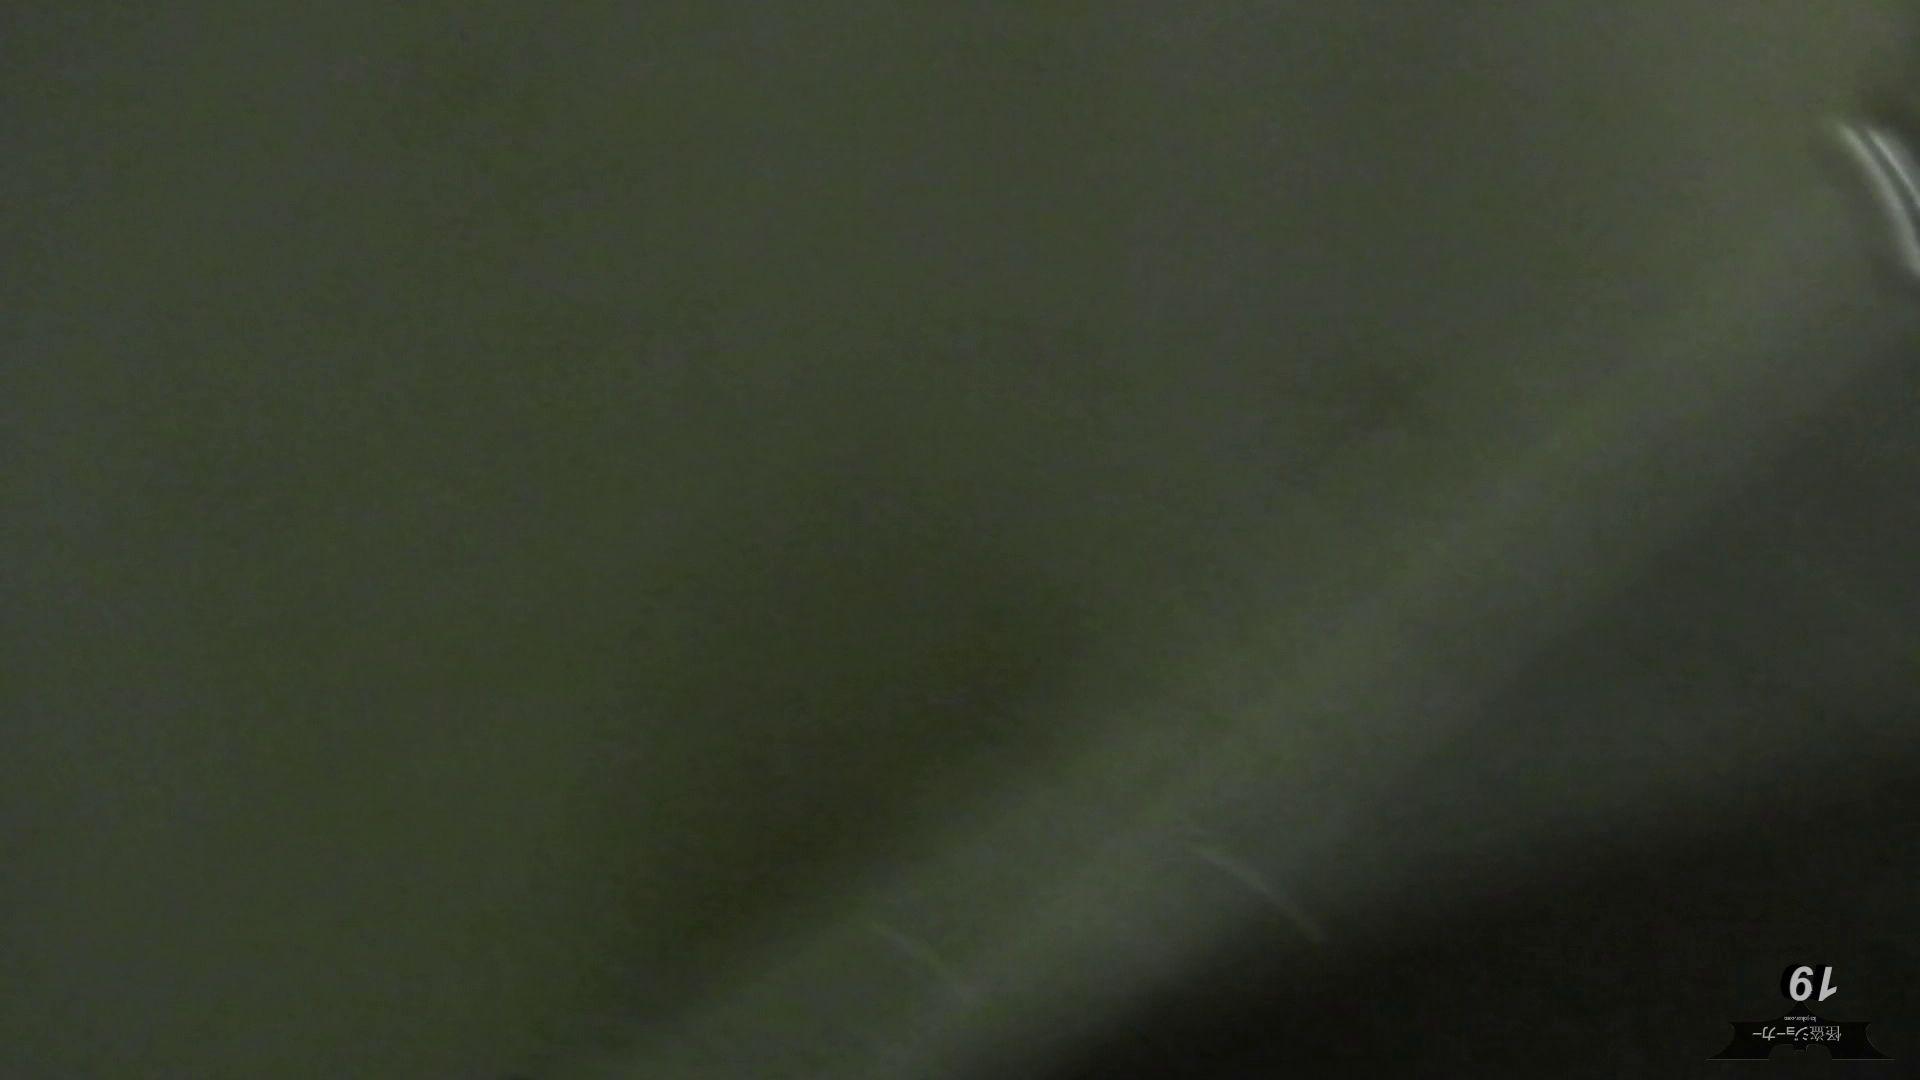 阿国ちゃんの「和式洋式七変化」 (NEW)19 「雫」はしっかりと切るんです! 丸見え おめこ無修正画像 86画像 68